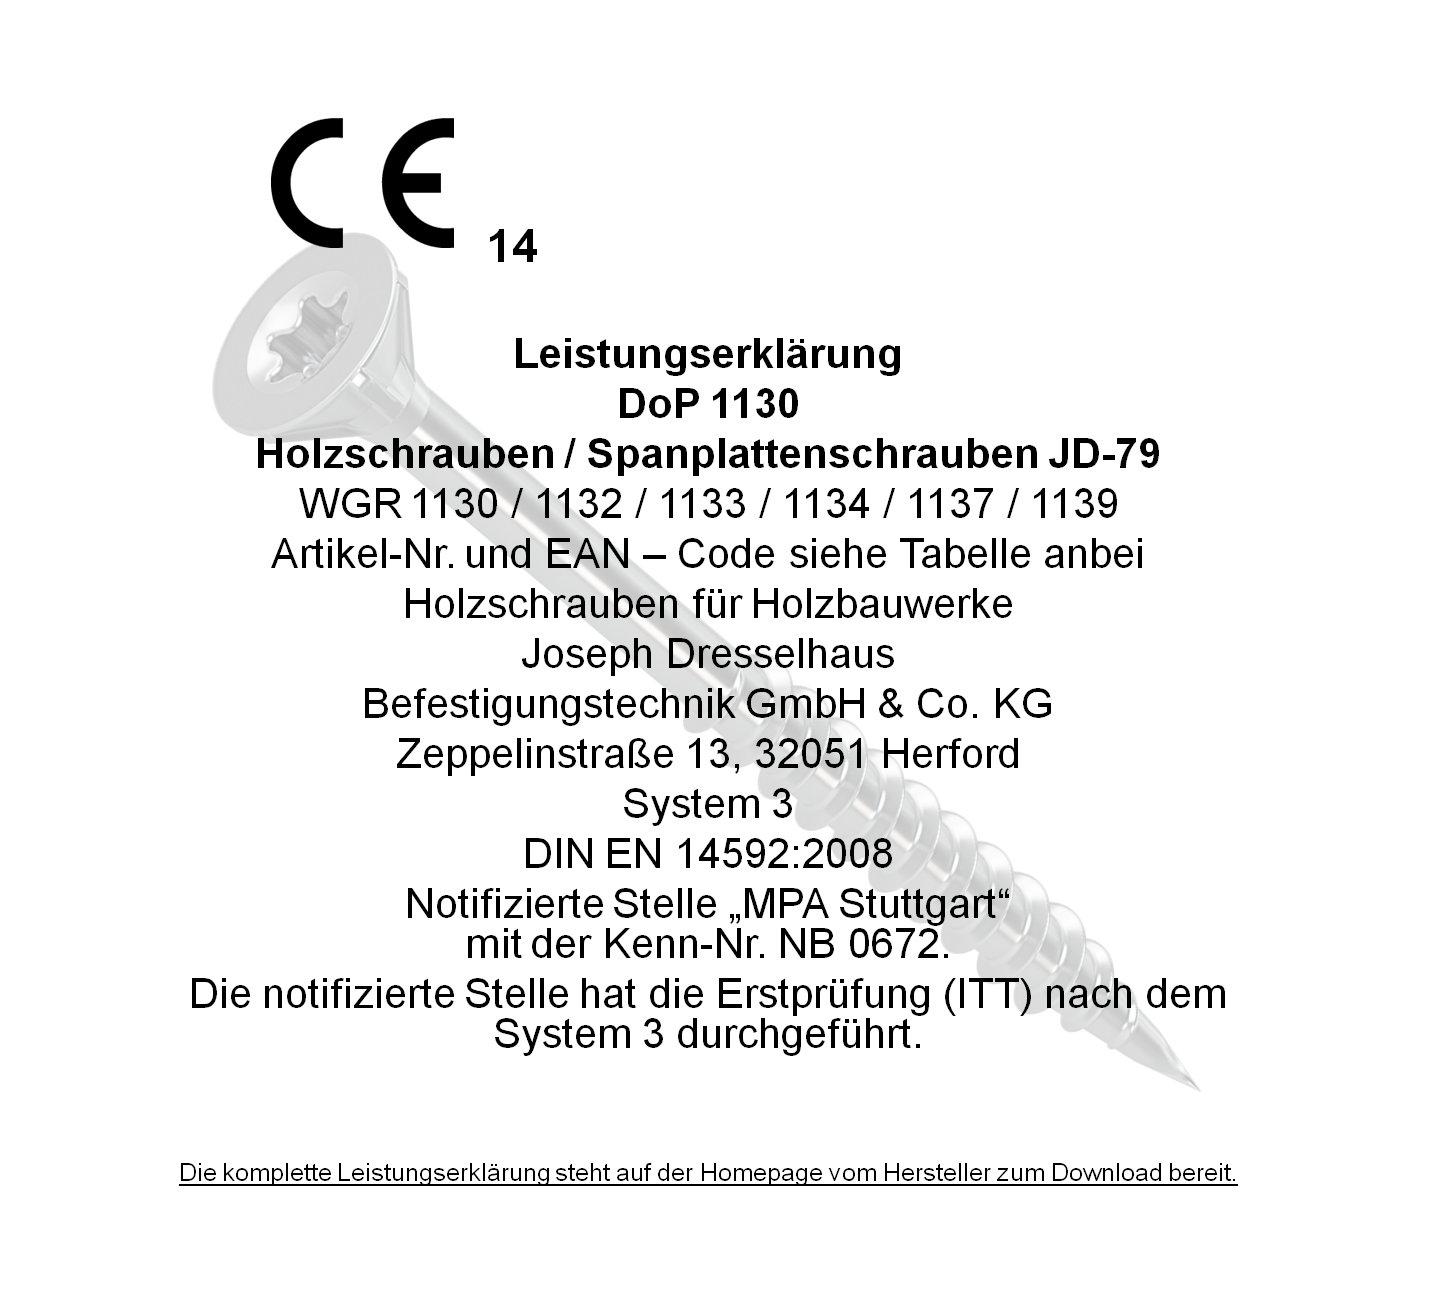 Dresselhaus JD-79 1137 Vis de fixation panneaux de bois /à /étoile en I 3,5 x 45 mm- 1000 Pi/èces jaune filetage et nervures de fraise sous la t/ête galvanis/é- chrom/é t/ête frais/ée